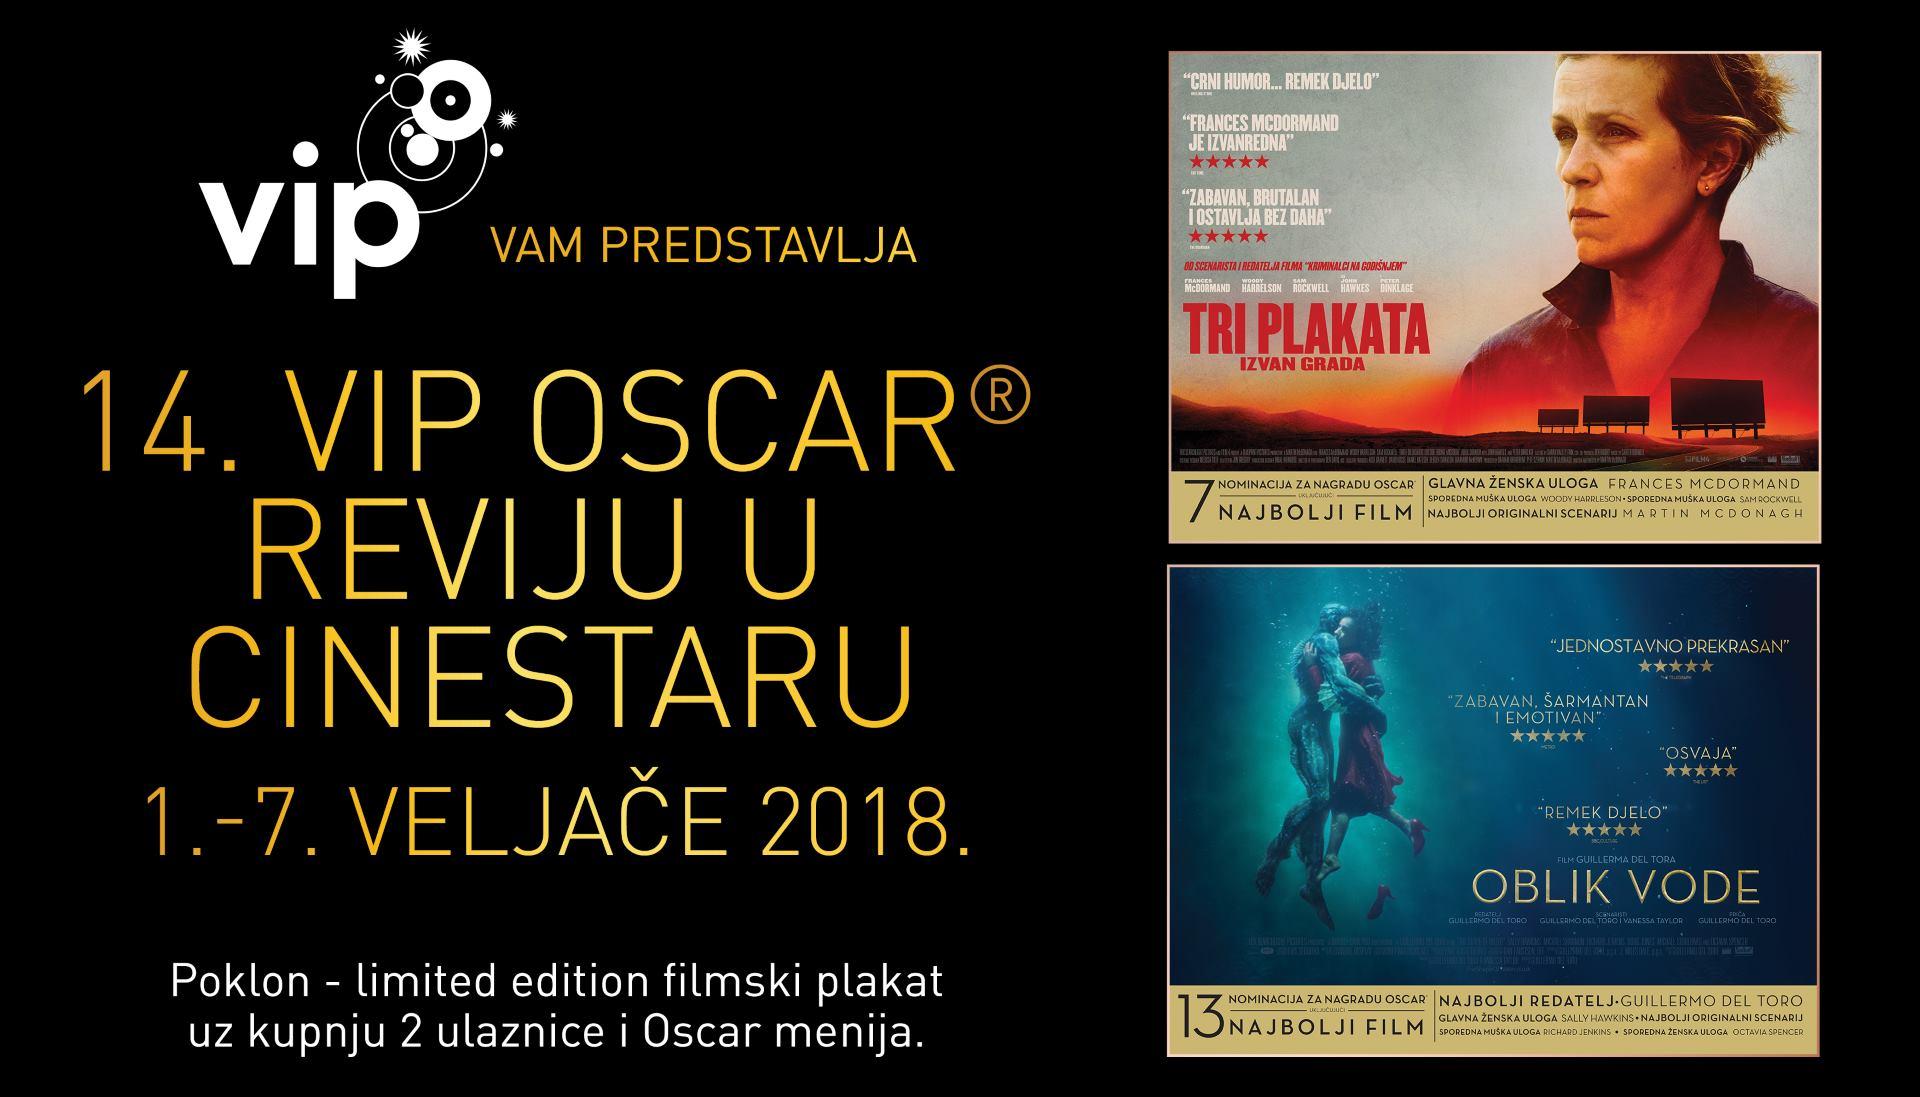 FOTO: Pogledajte filmove nominirane za nagradu Oscar u kinima s pet zvjezdica